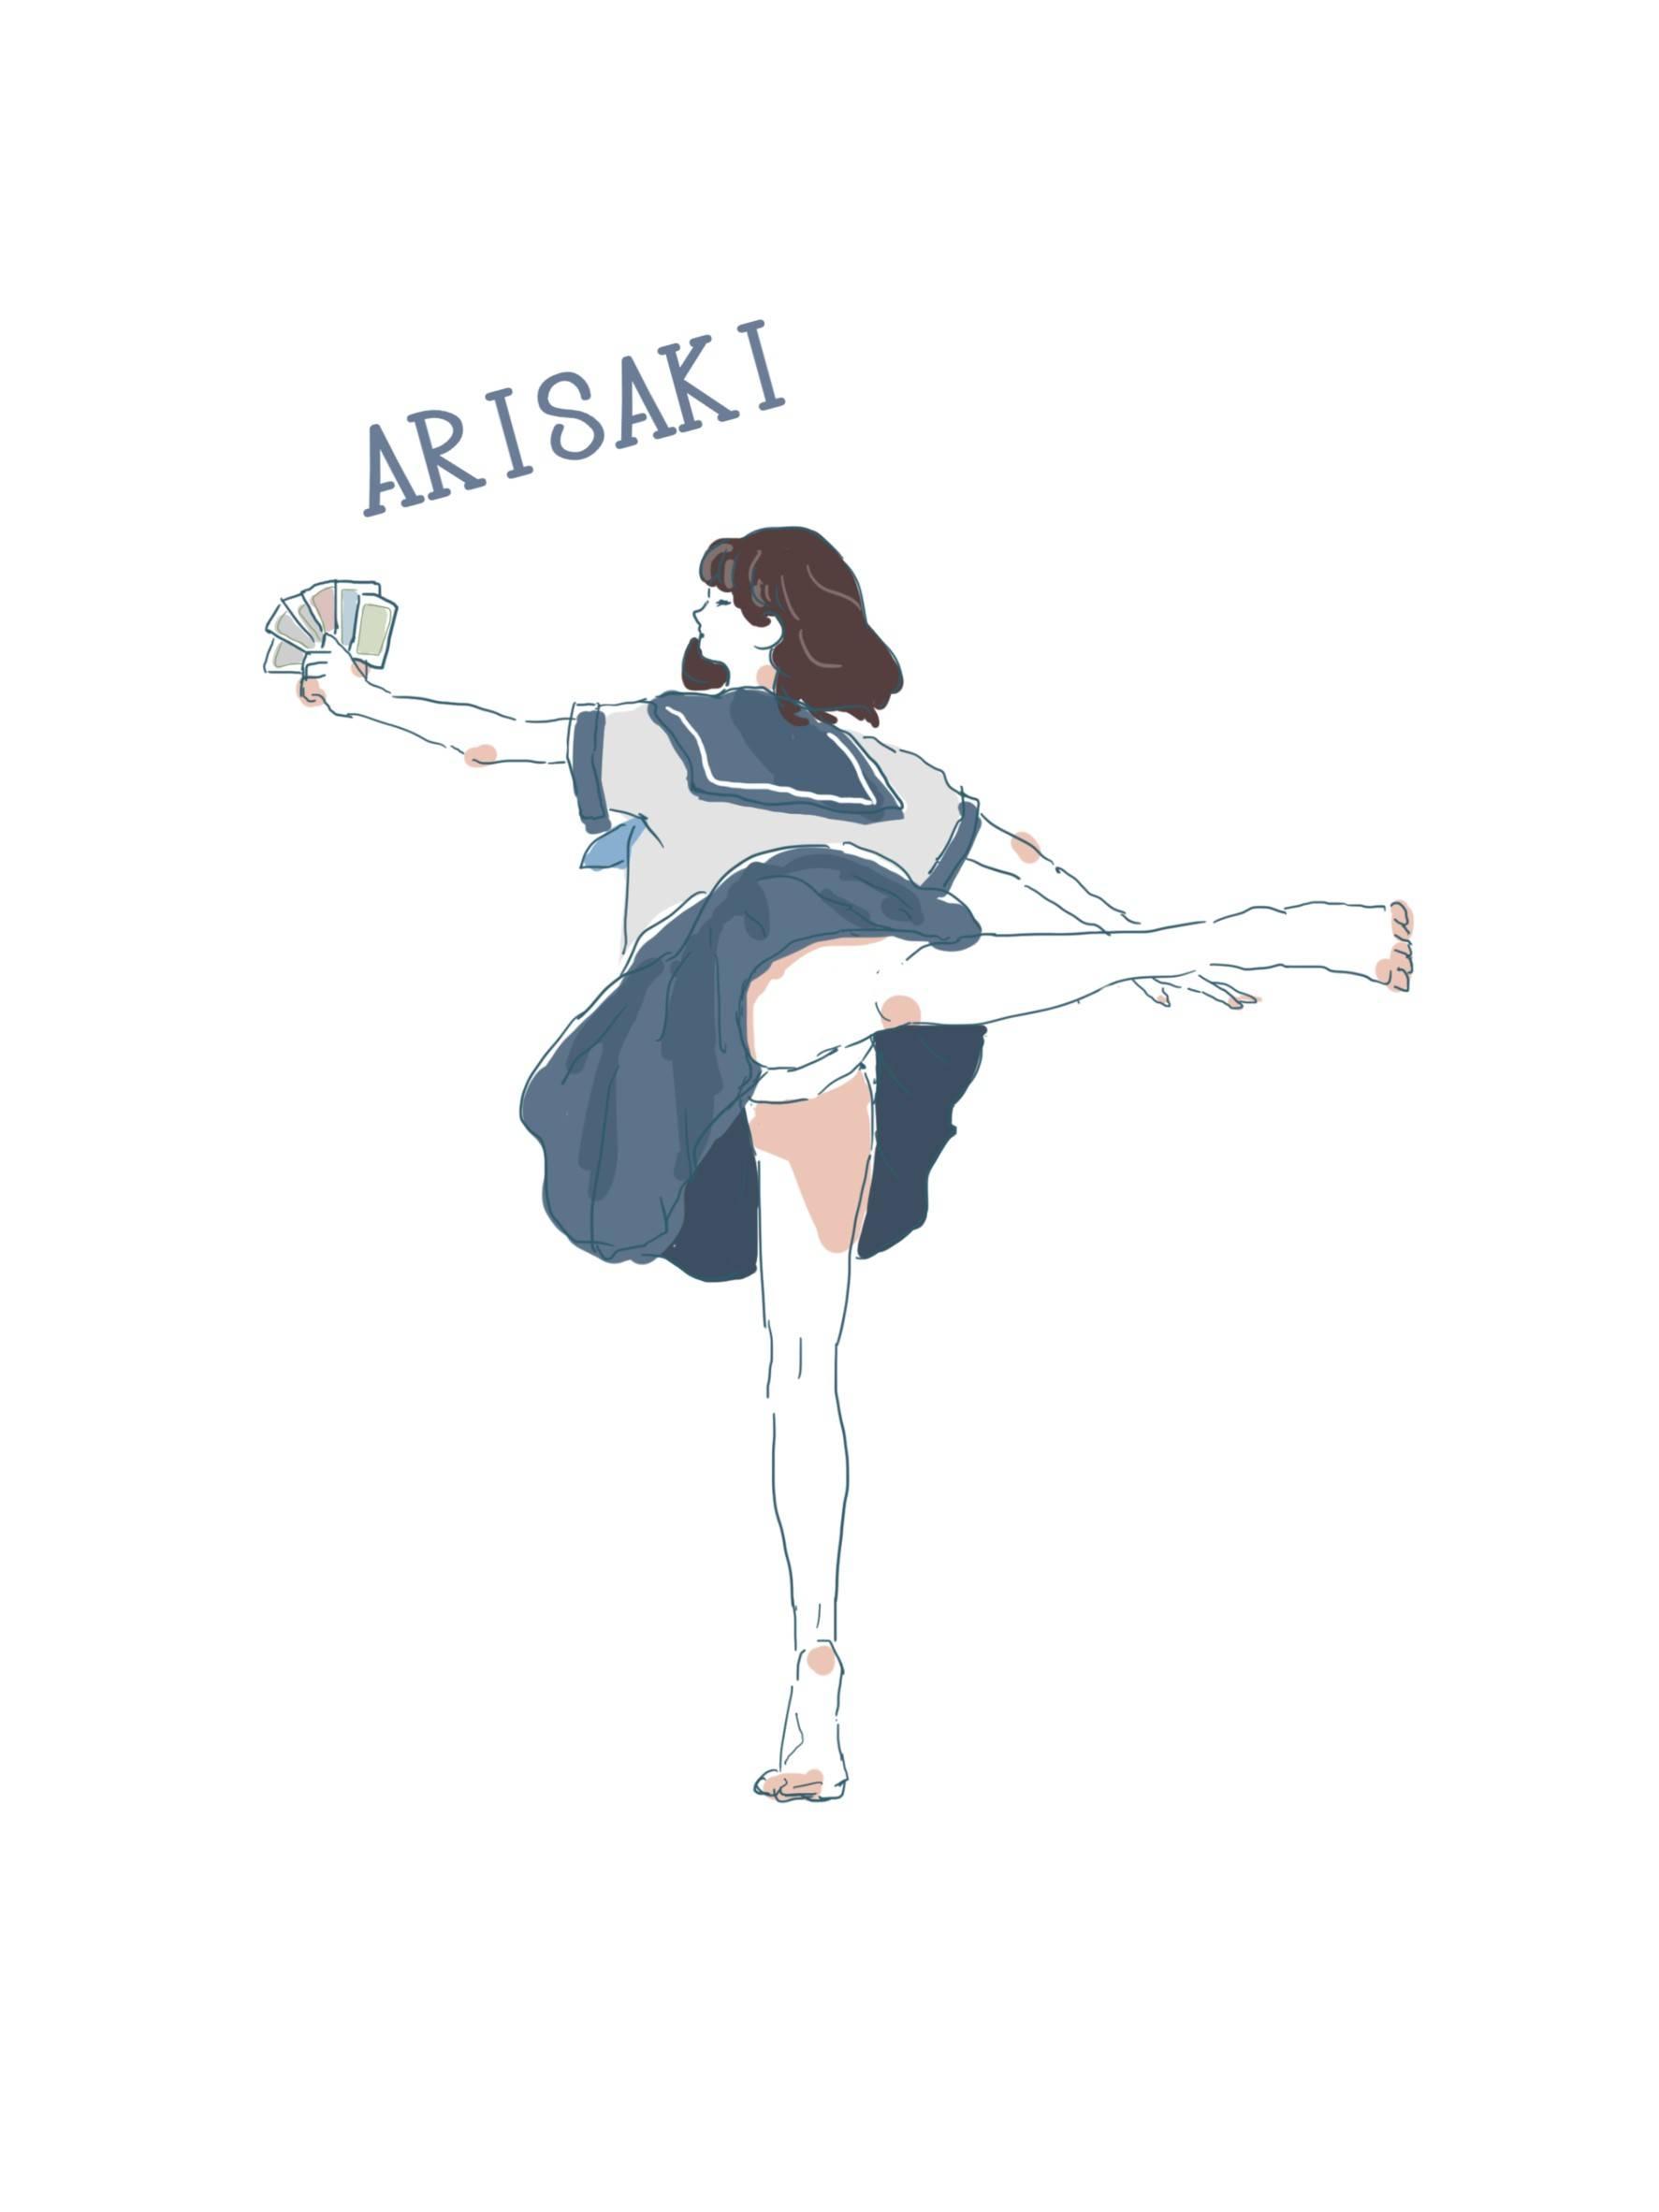 アリサキダンス拡張版の作成にあたり可愛い振り付けを教えてください